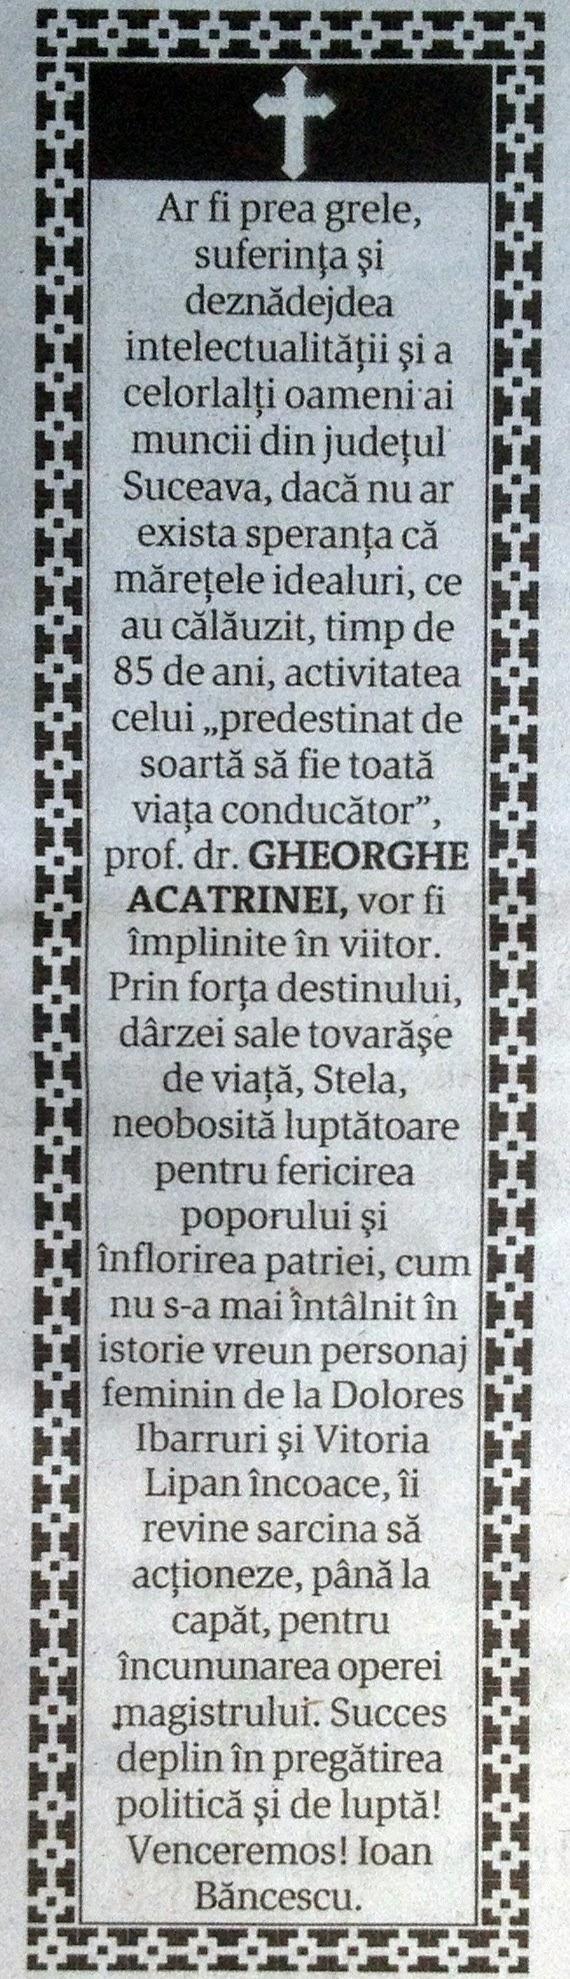 Anunţ mortuar la băşcălie transmis de Ioan Bănescu la moartea preşedintelui PRM Gheorghe Acatrinei